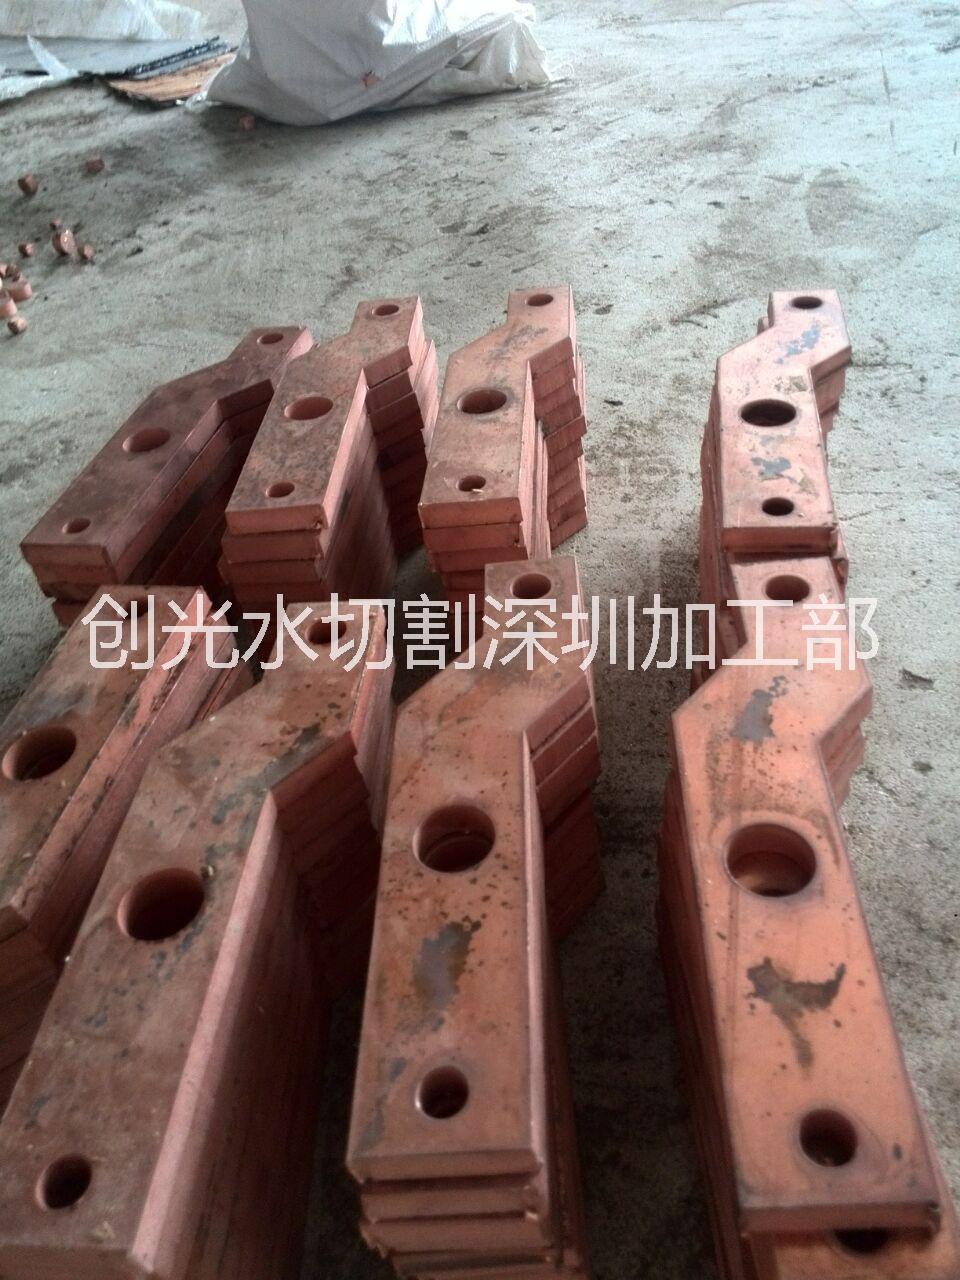 公明水切割加工  铜板水切割加工  铝板水切割加工